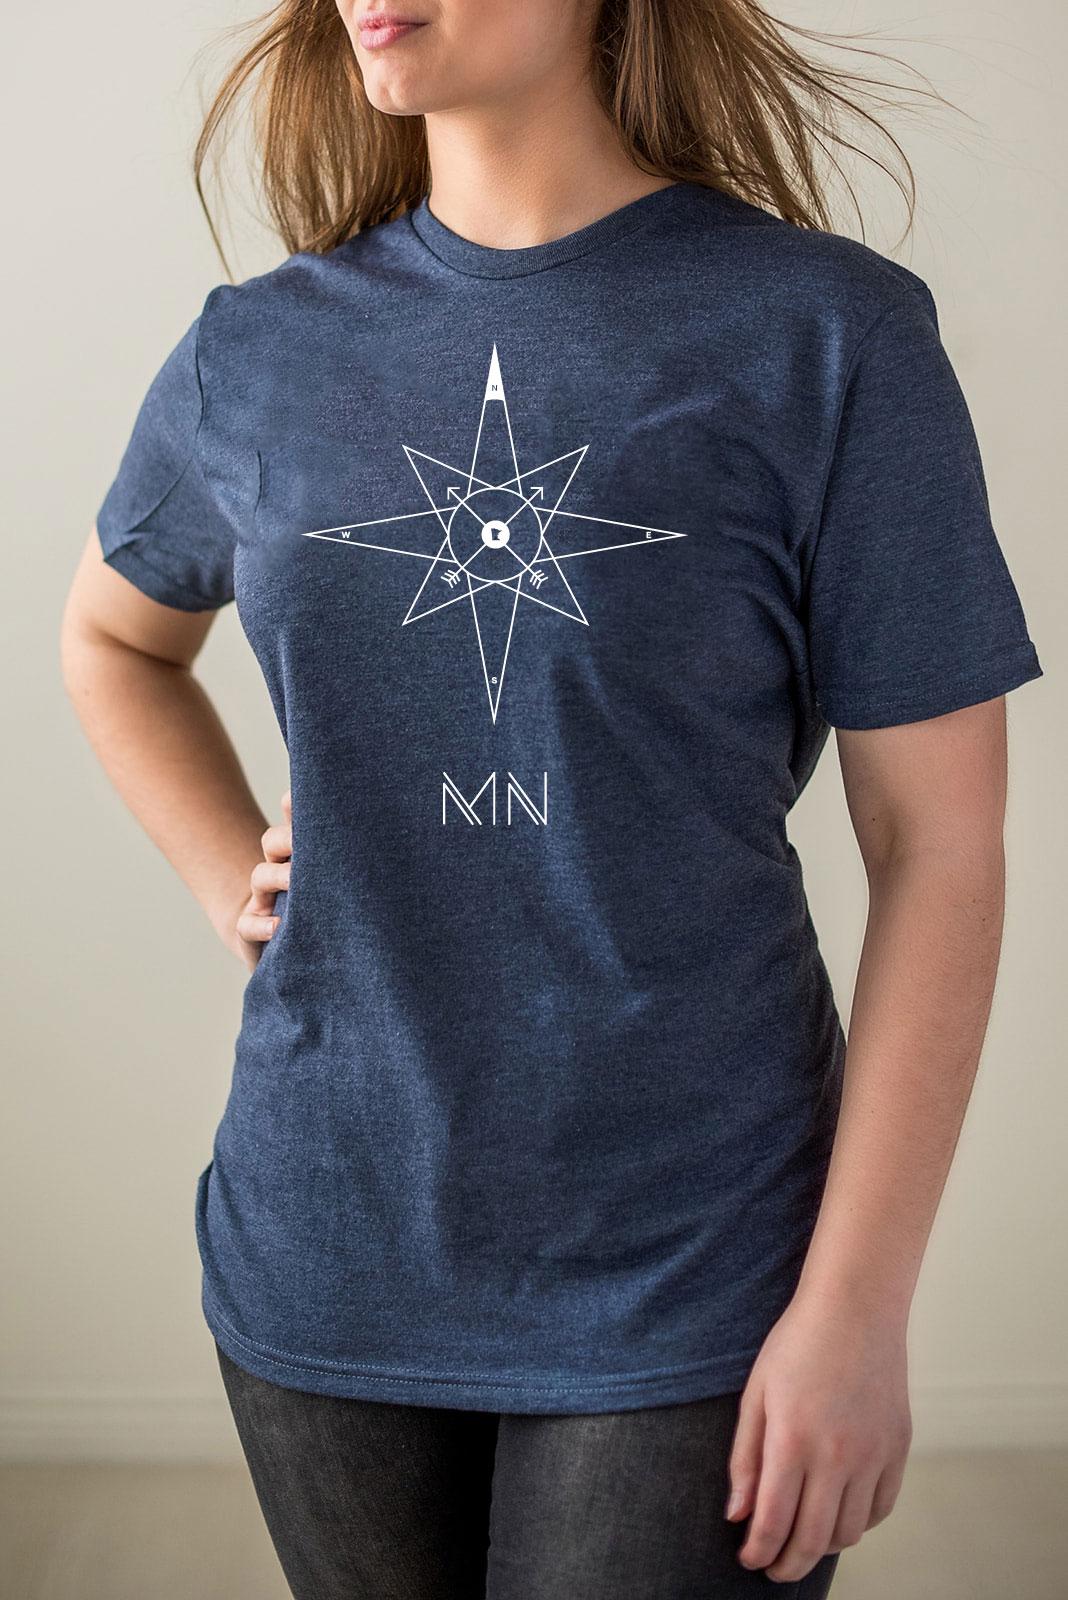 MN-Compass-Allmade-Navy-Mockup.jpg